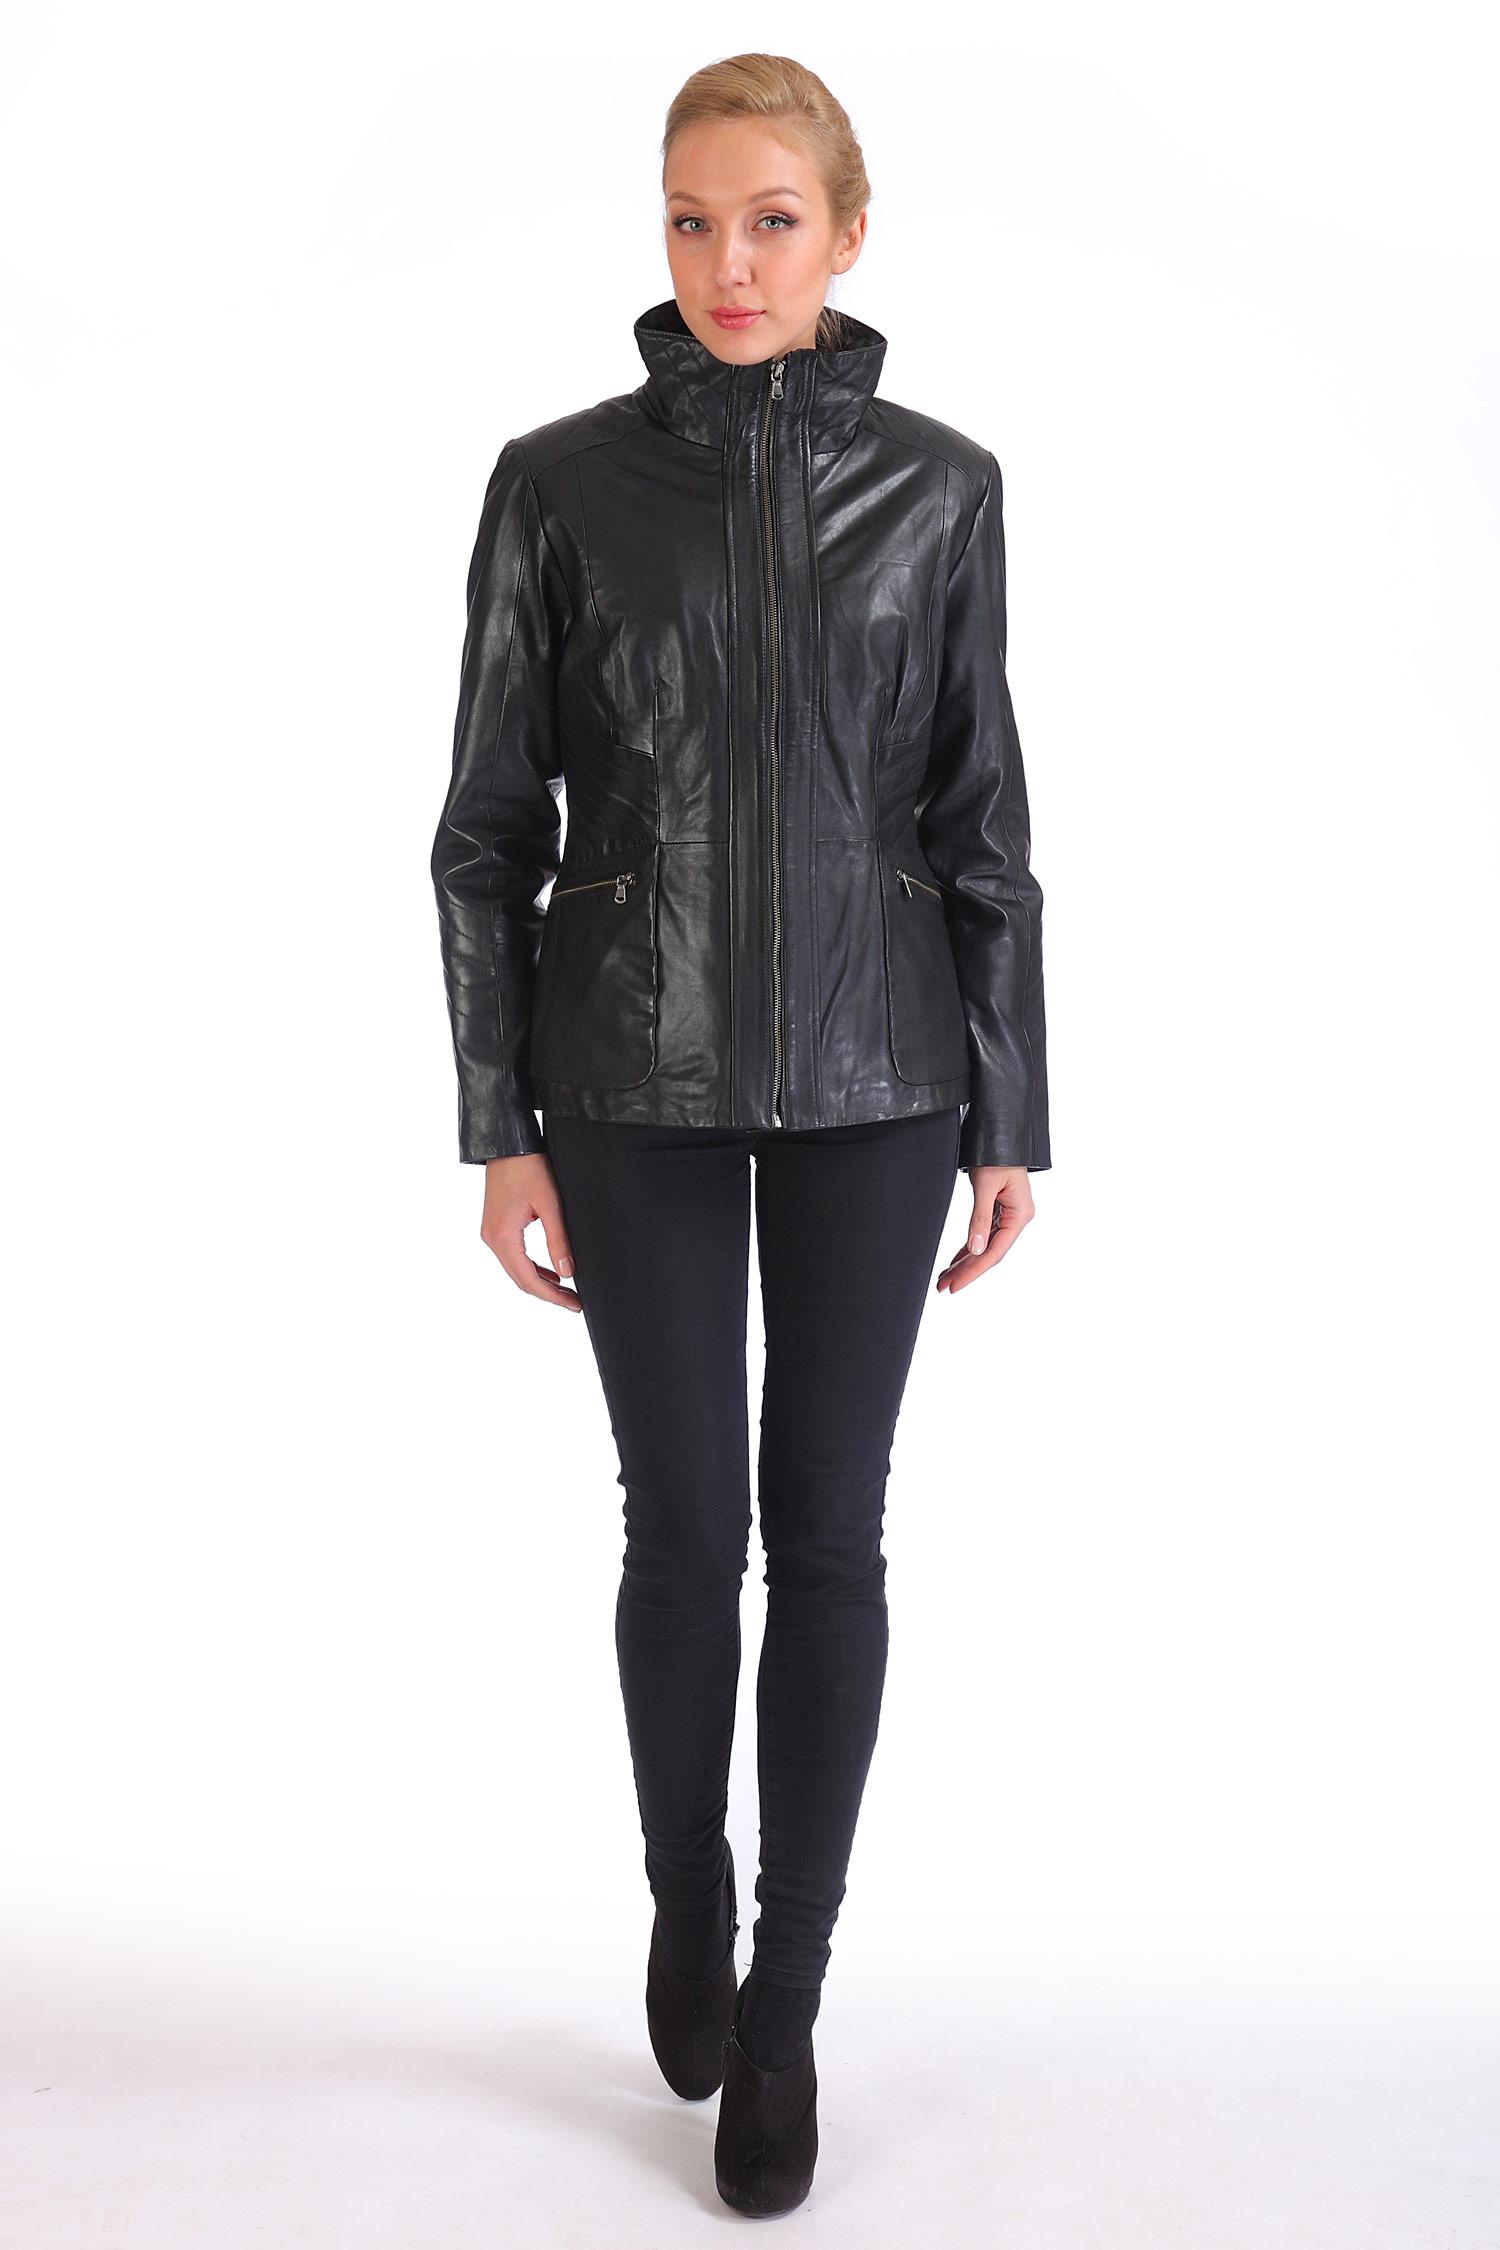 Фото 7 - Женская кожаная куртка из натуральной кожи с воротником от МОСМЕХА черного цвета